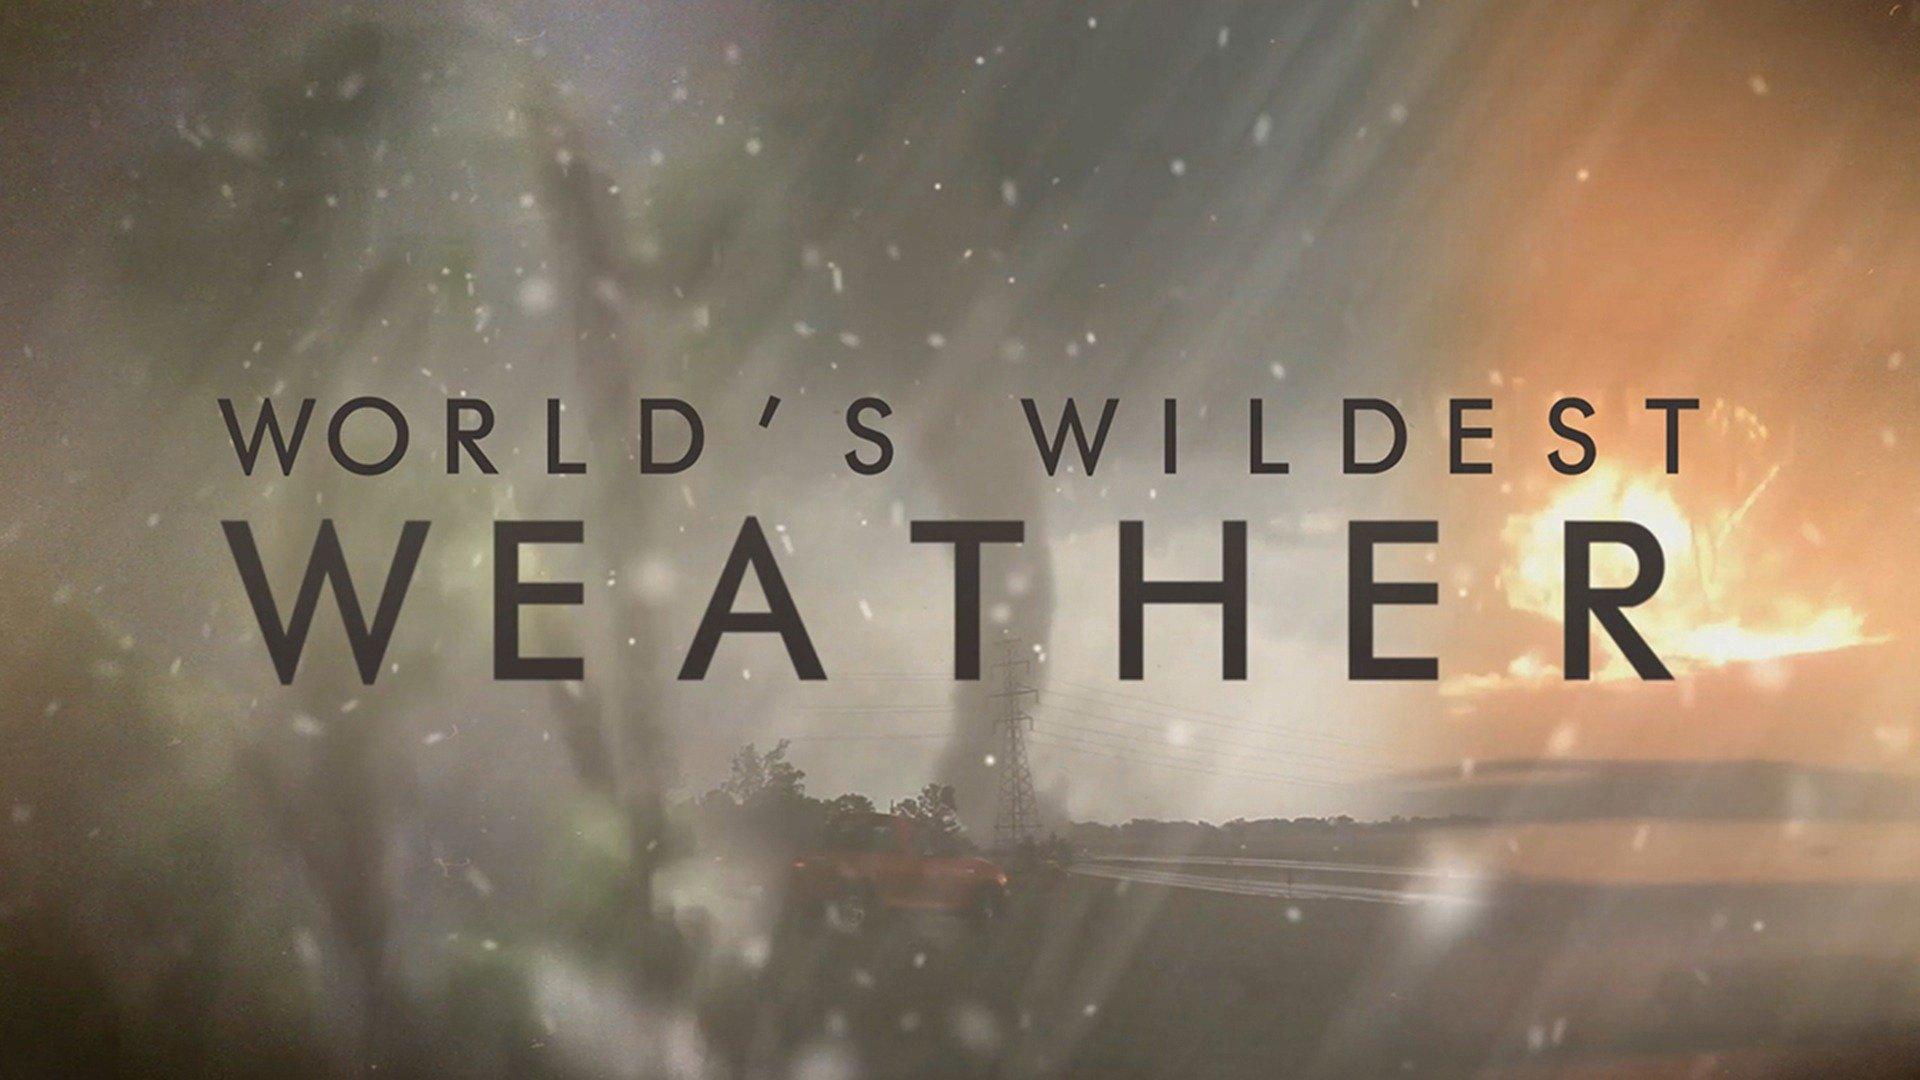 World's Wildest Weather